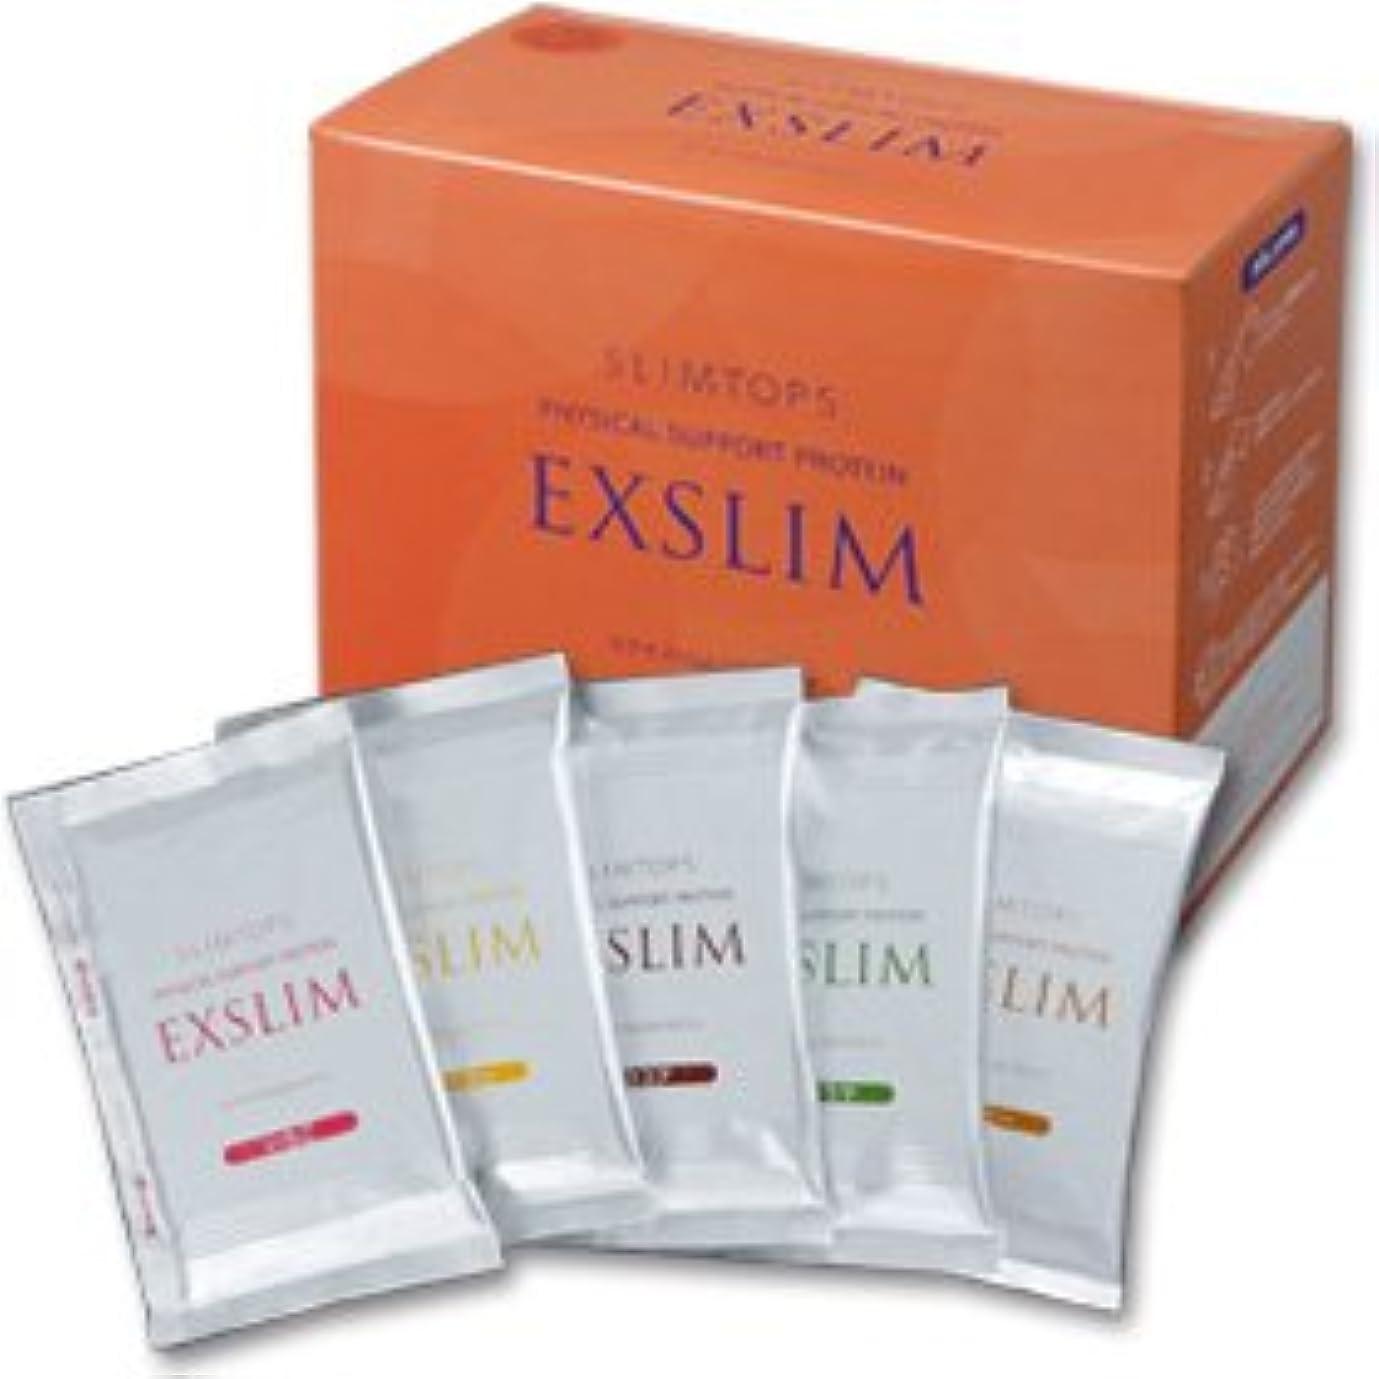 分類する枕ぞっとするような【EXSLIM】スリムトップス エクサスリムLCDプロテインドリンク(ミックス 50g×14袋入り)